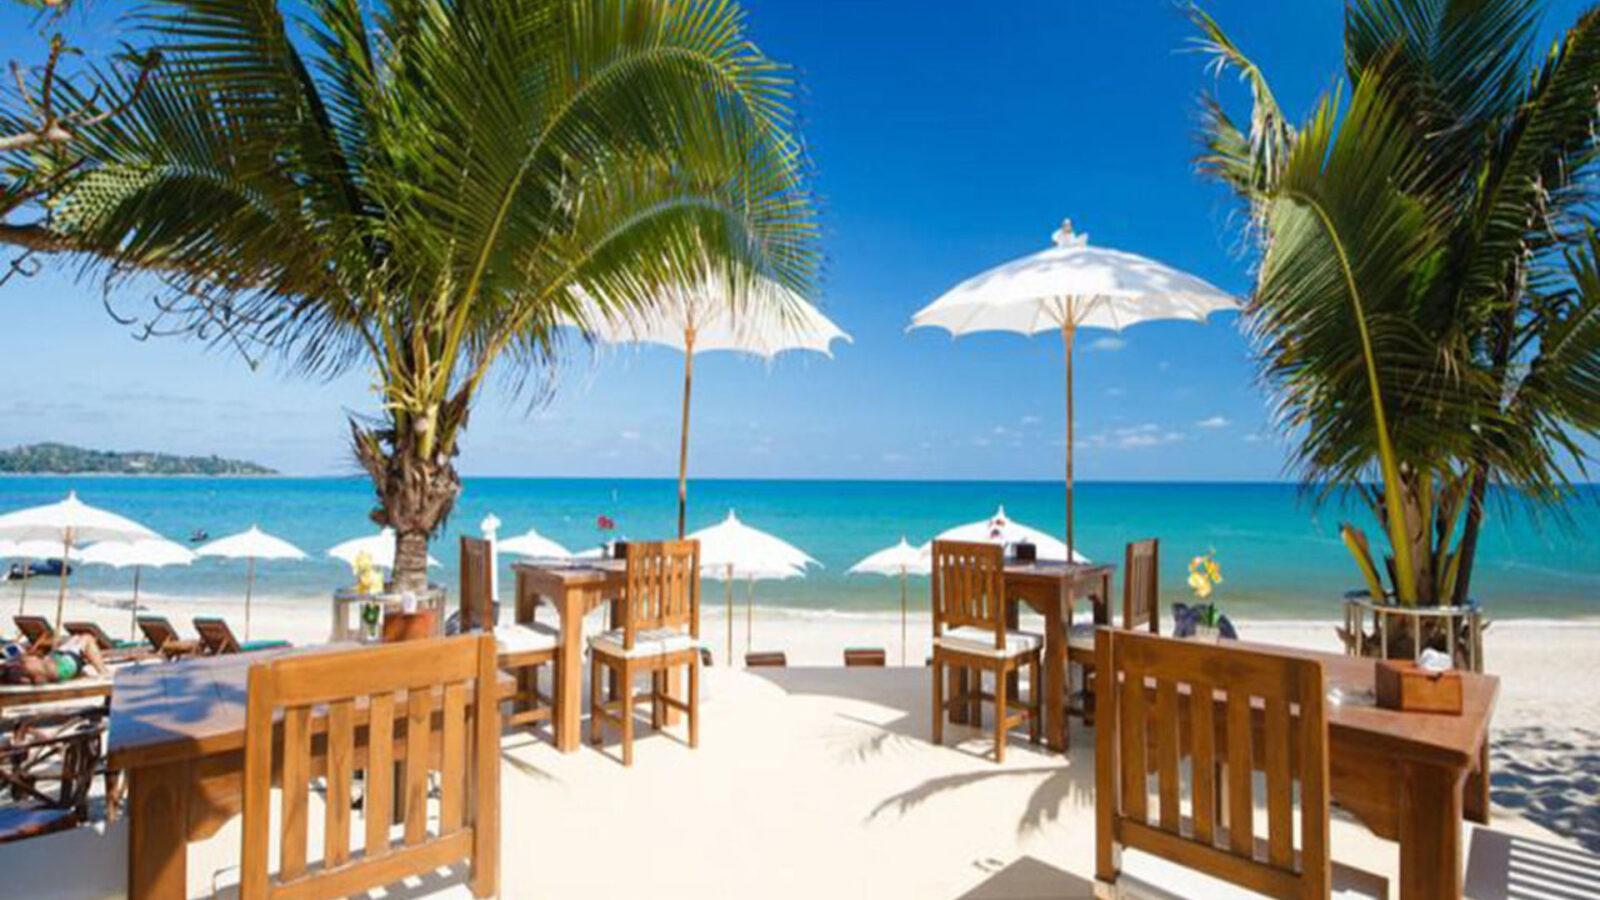 Фото столиков на пляже Ламуи